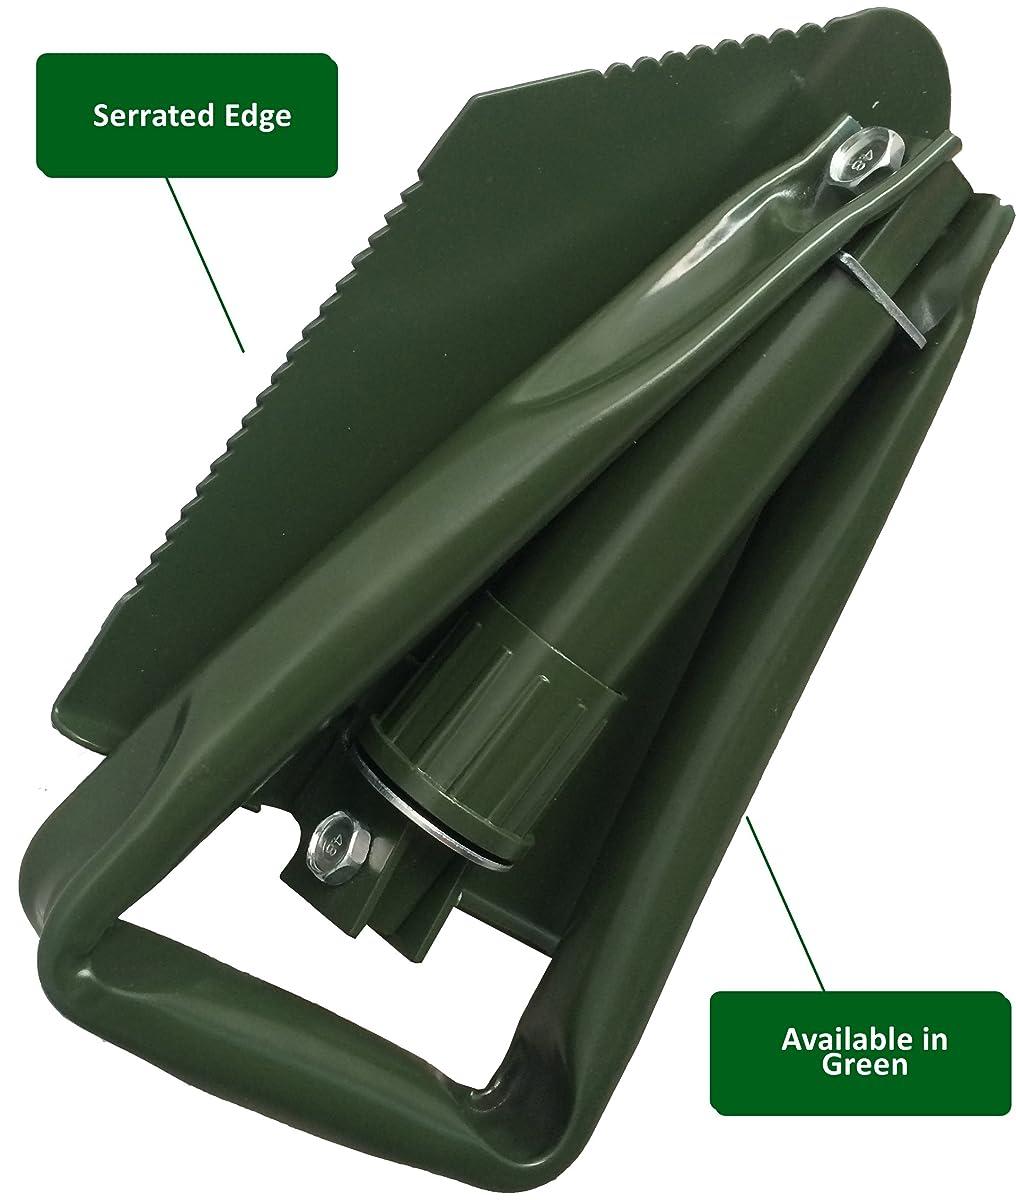 NATO Emergency Military Grade Shovel use it as a garden or snow foldable spade - 365 Day Guarantee (Black)